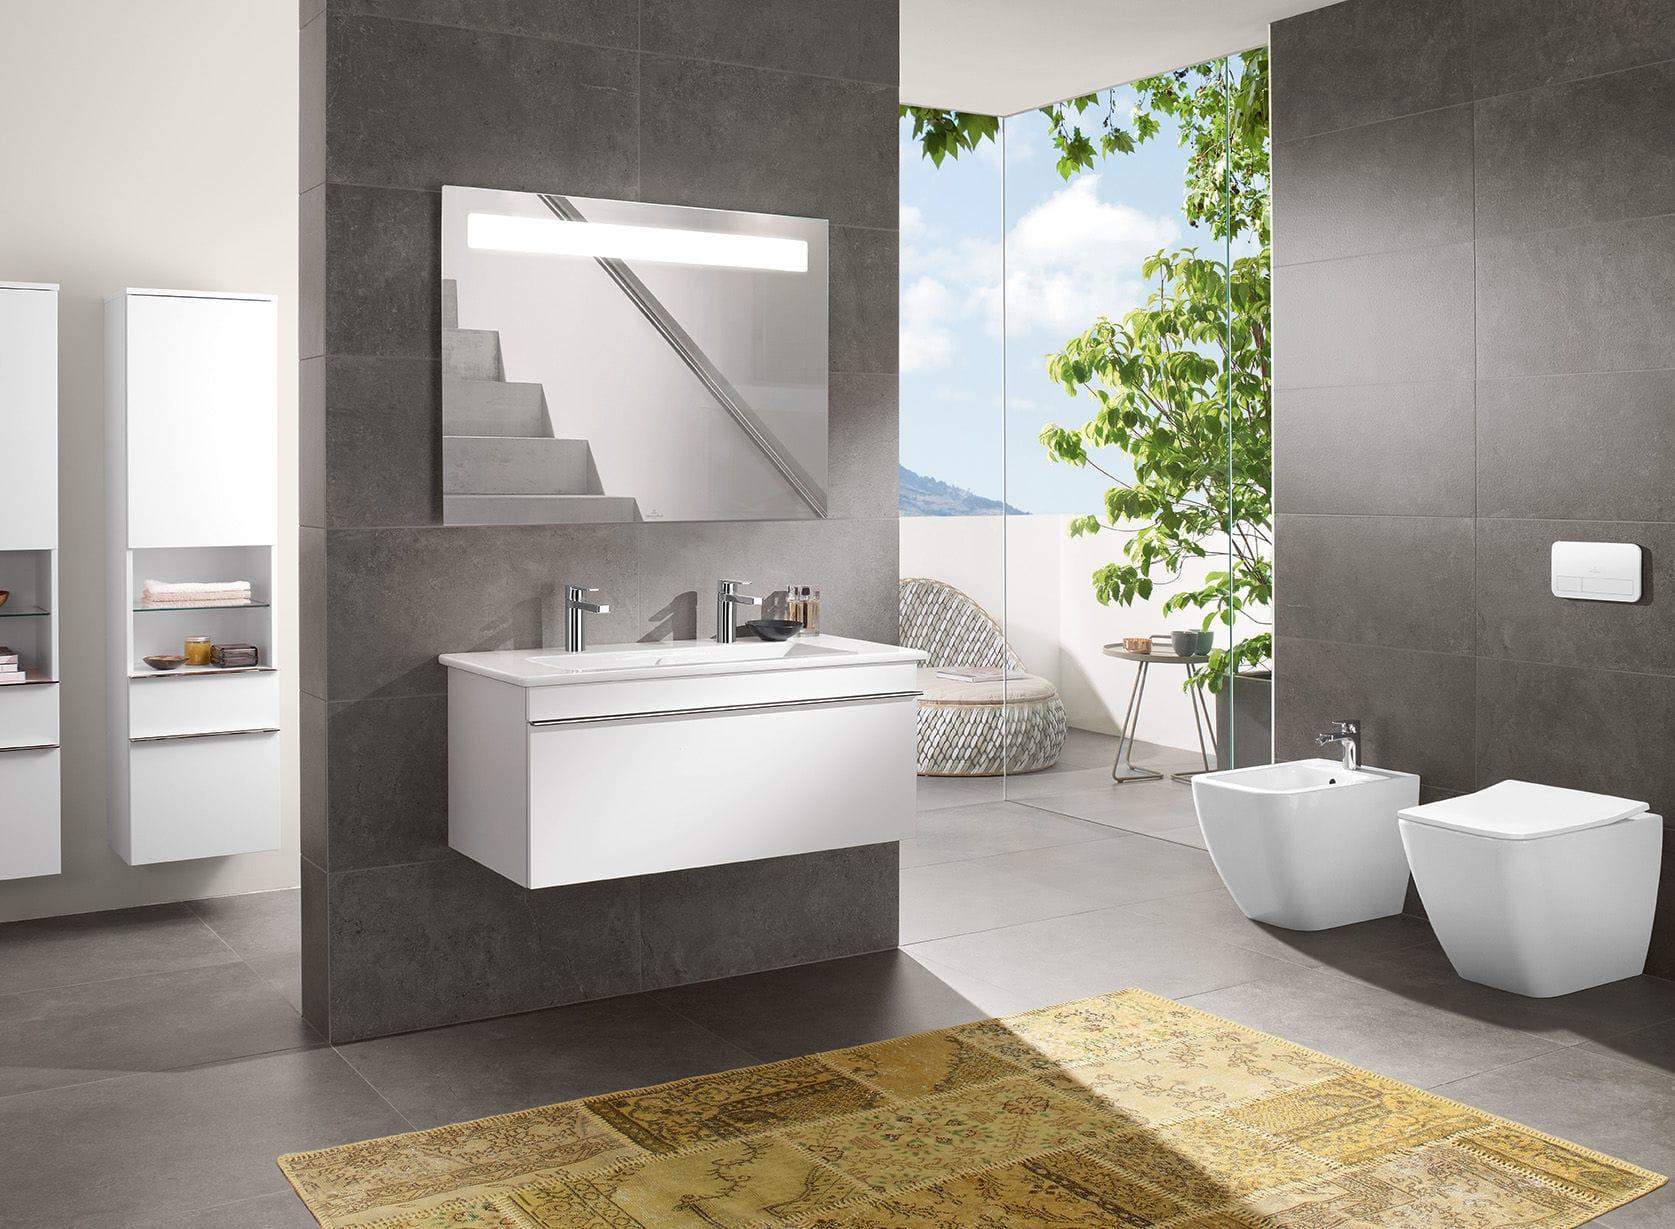 Villeroy and boch bathroom cabinets - Contemporary Bathroom Ceramic Venticello